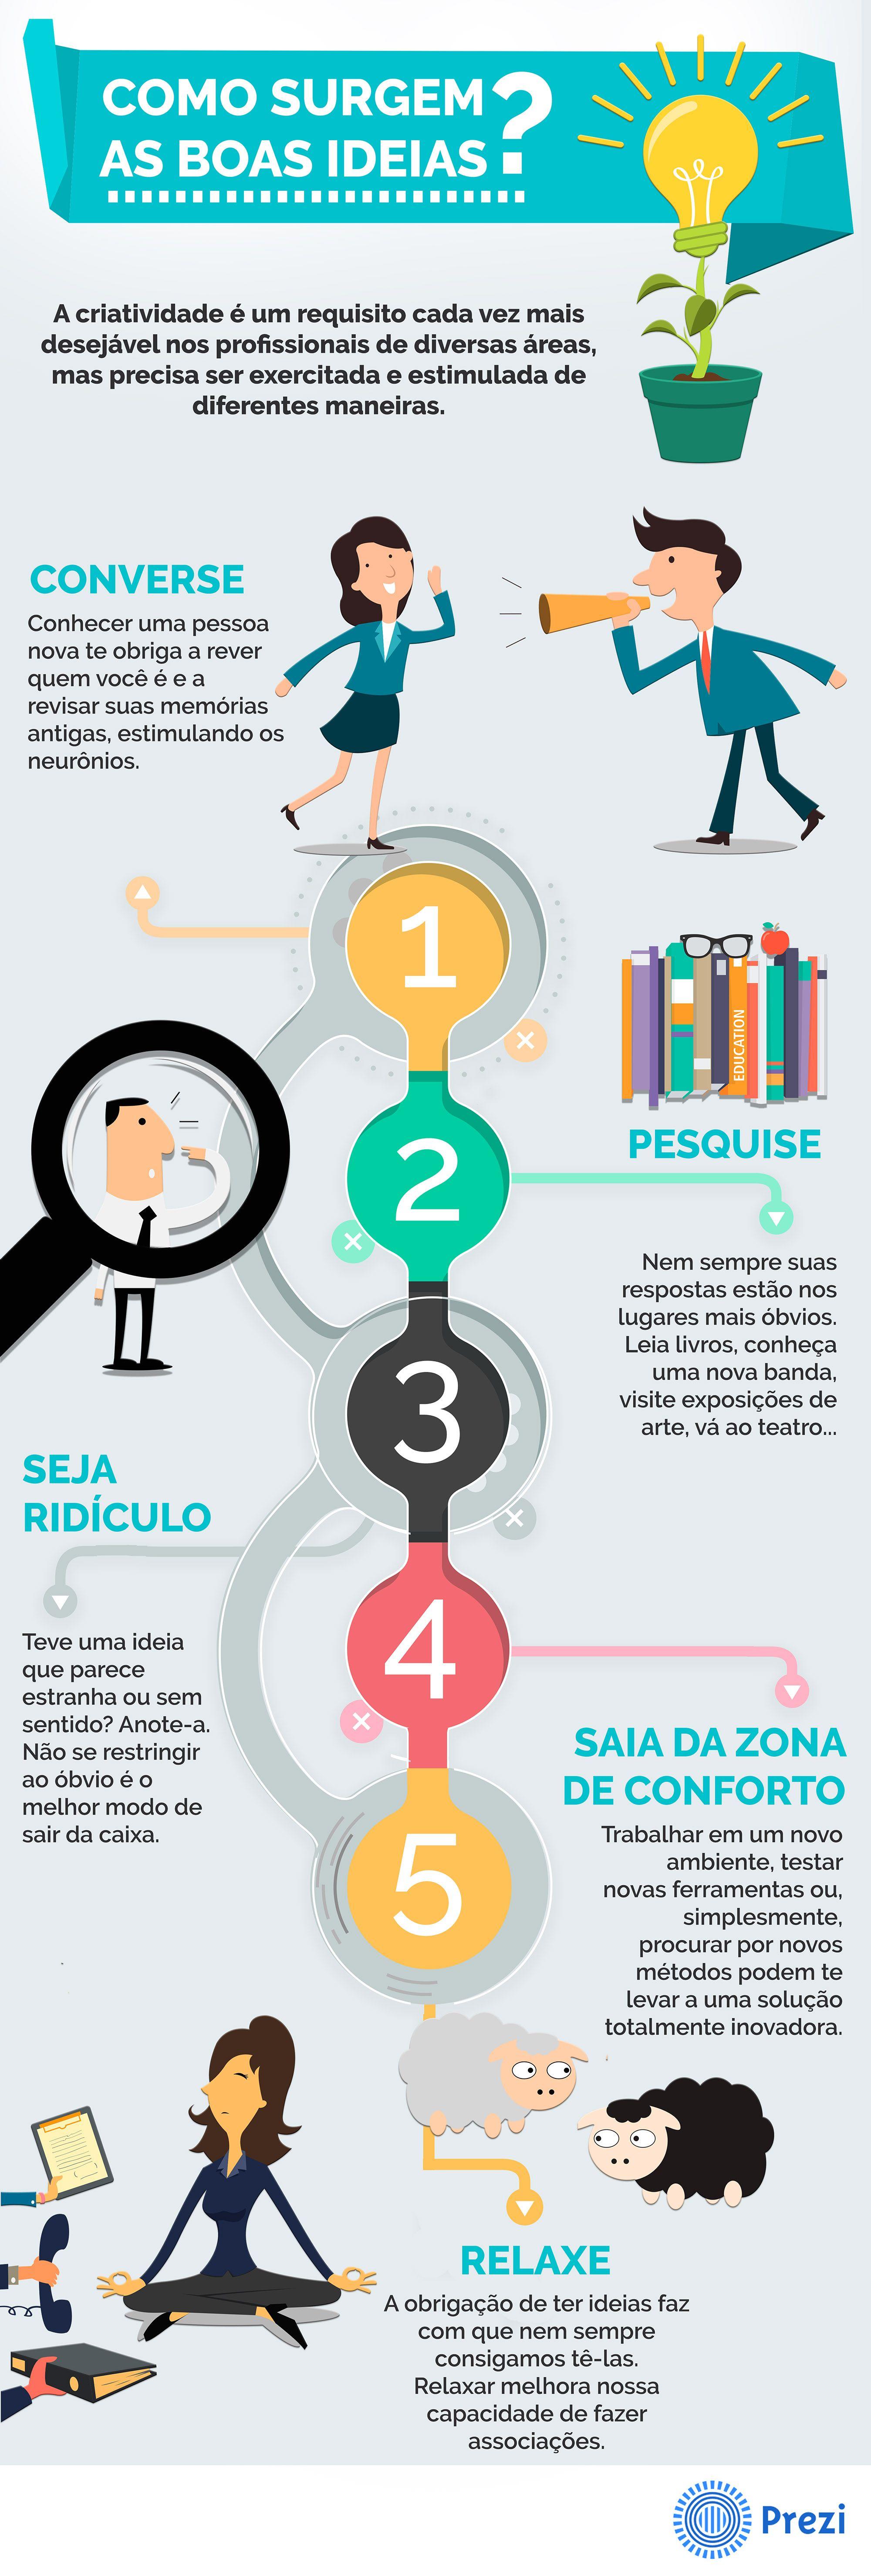 Precisa de inspiração diária? Esse infográfico de Prezi foi feito para você! #infográfico #infographic #inspiration #inspiração